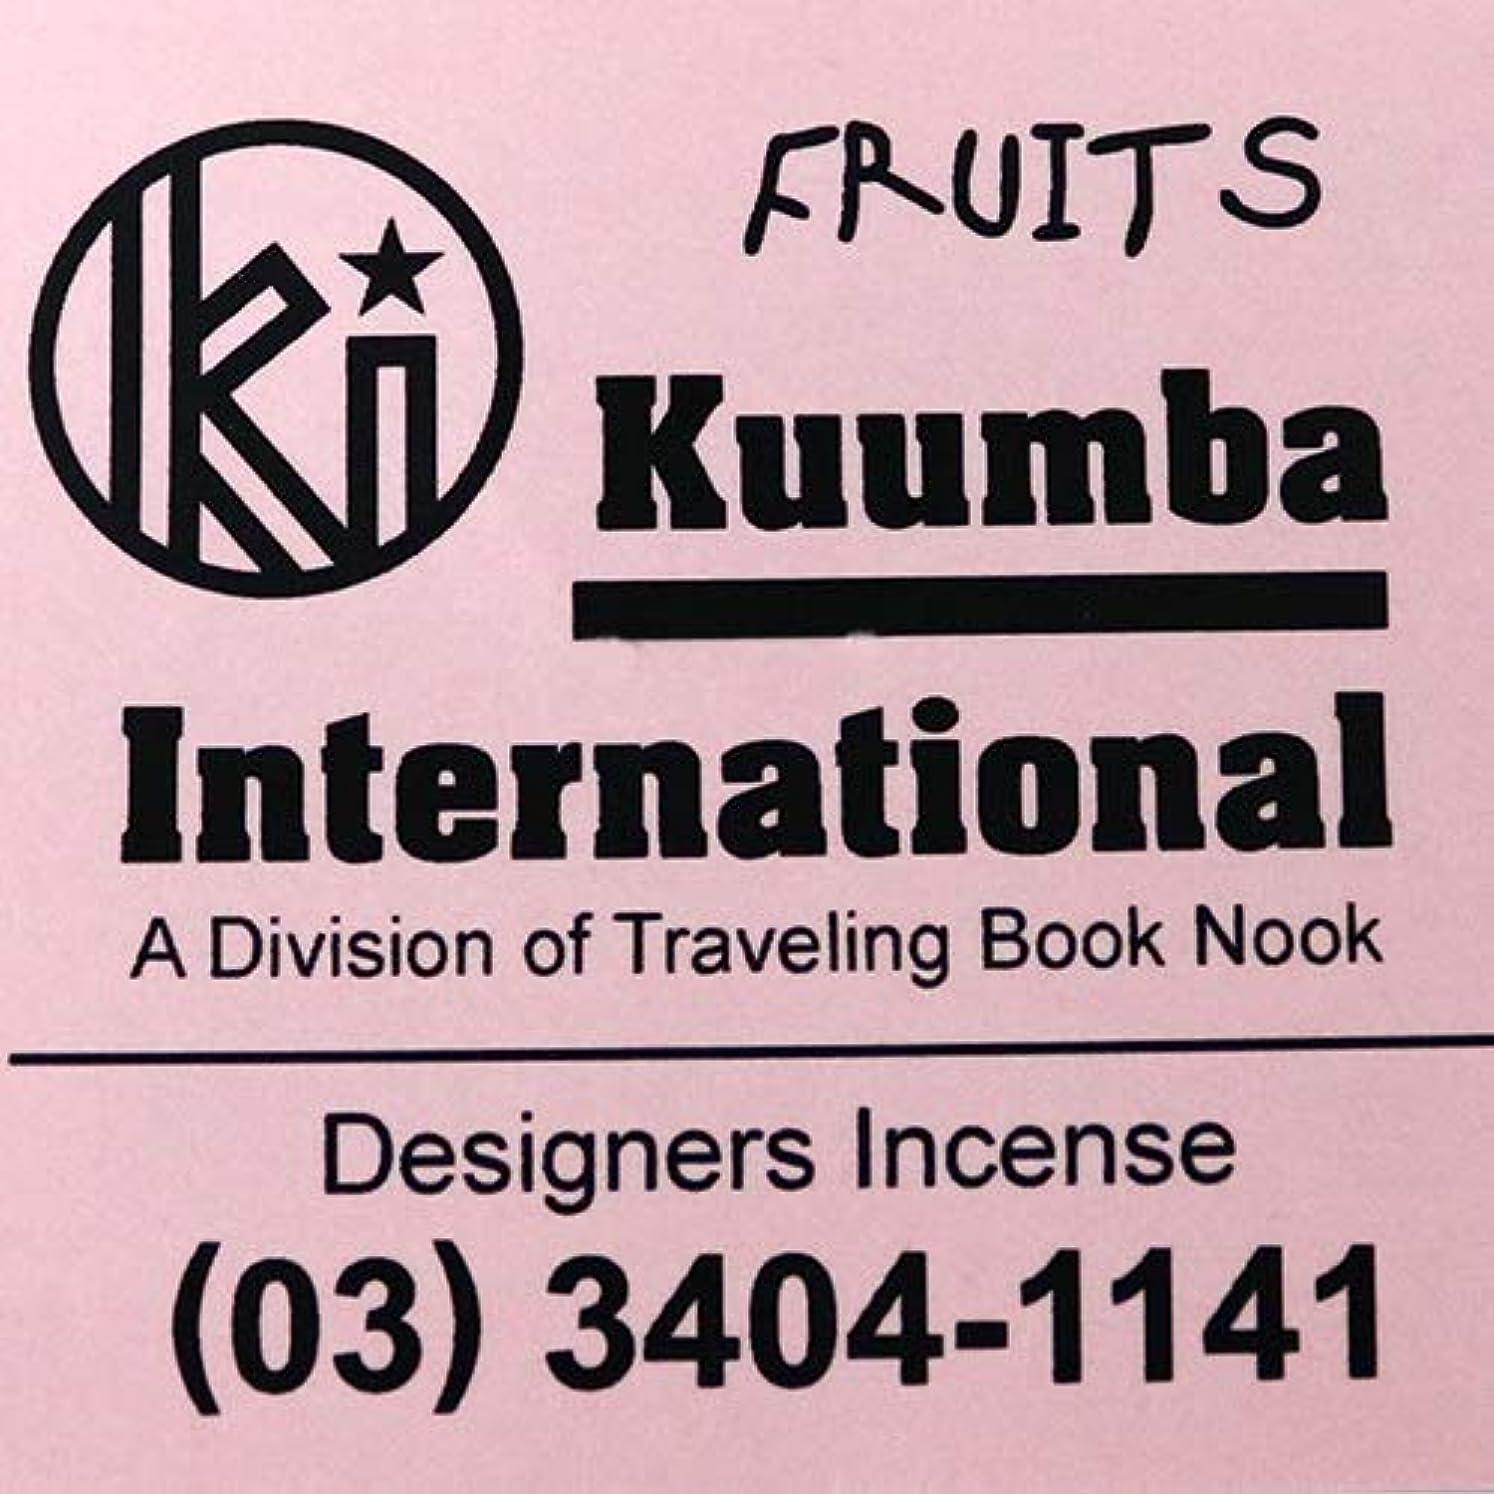 北収益面倒(クンバ) KUUMBA『incense』(FRUITS) (FRUITS, Regular size)